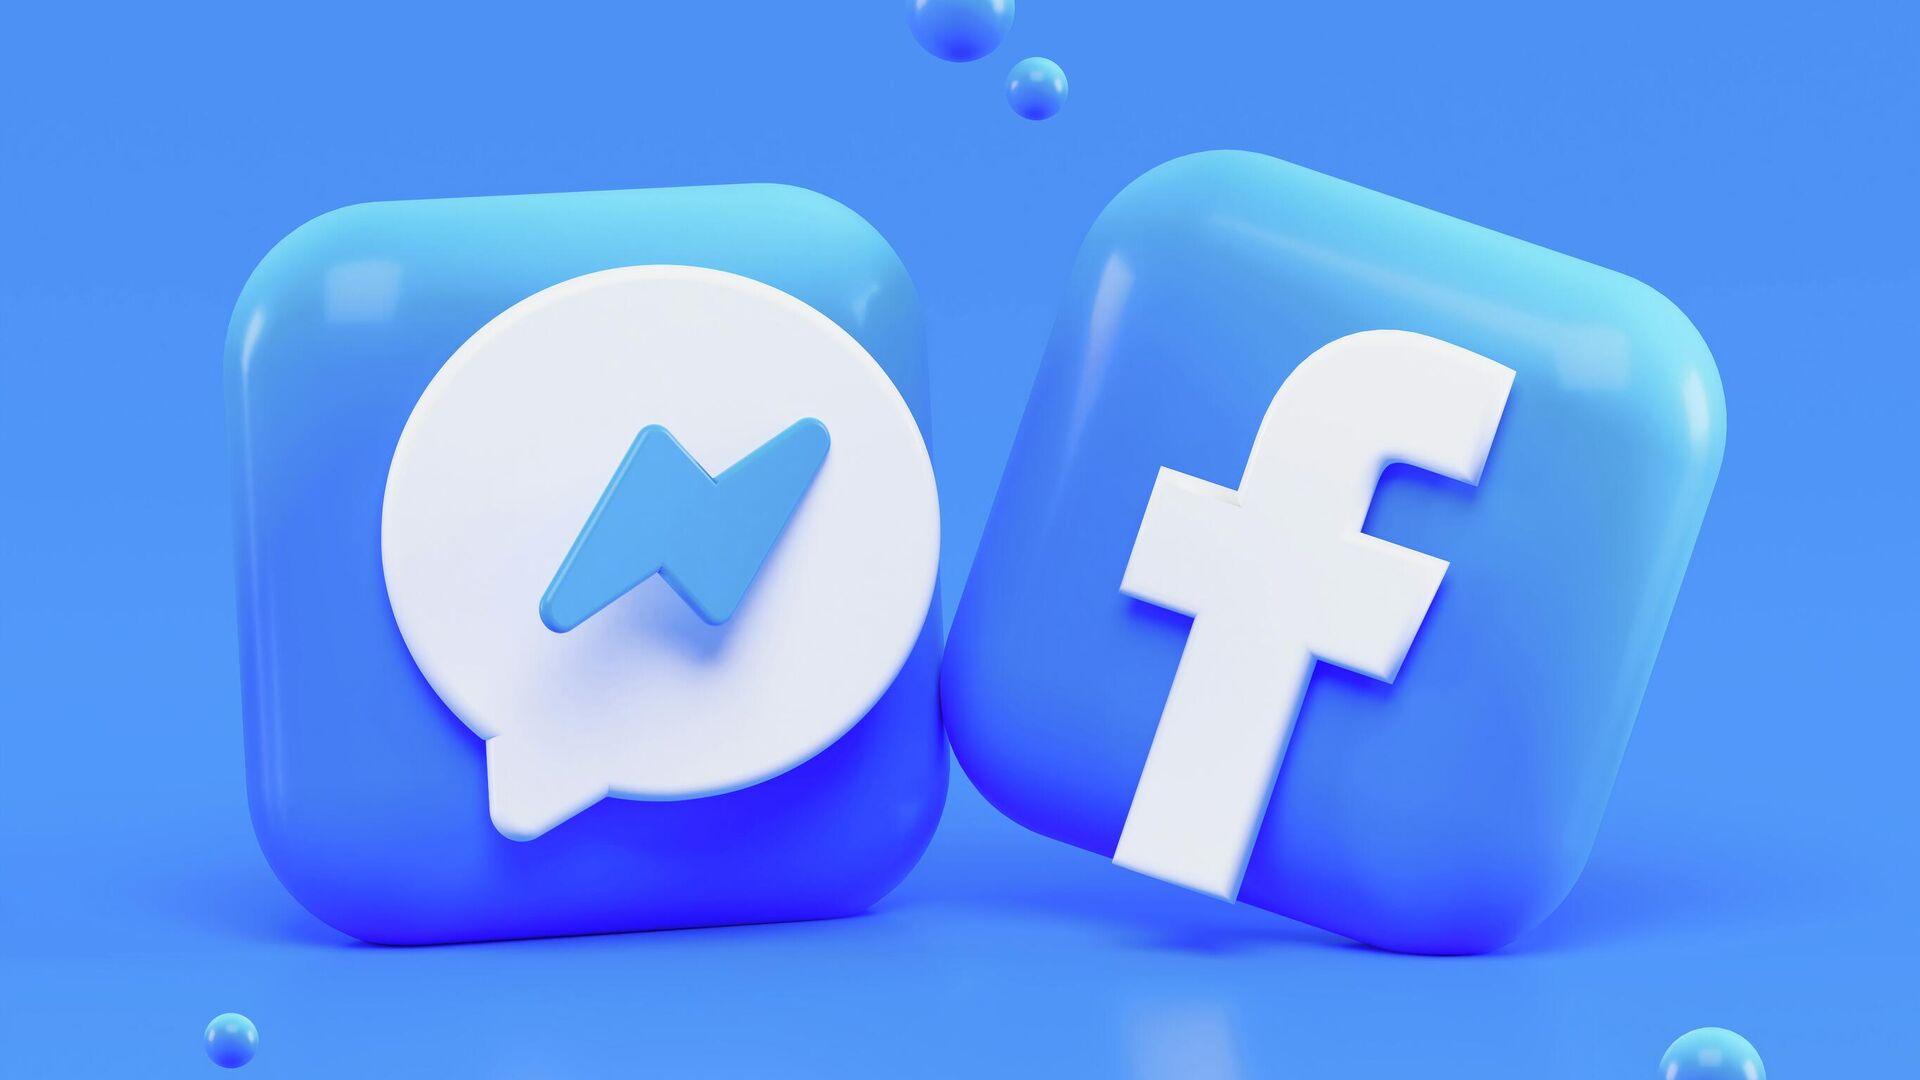 Los logos de Facebook y Messenger - Sputnik Mundo, 1920, 14.08.2021